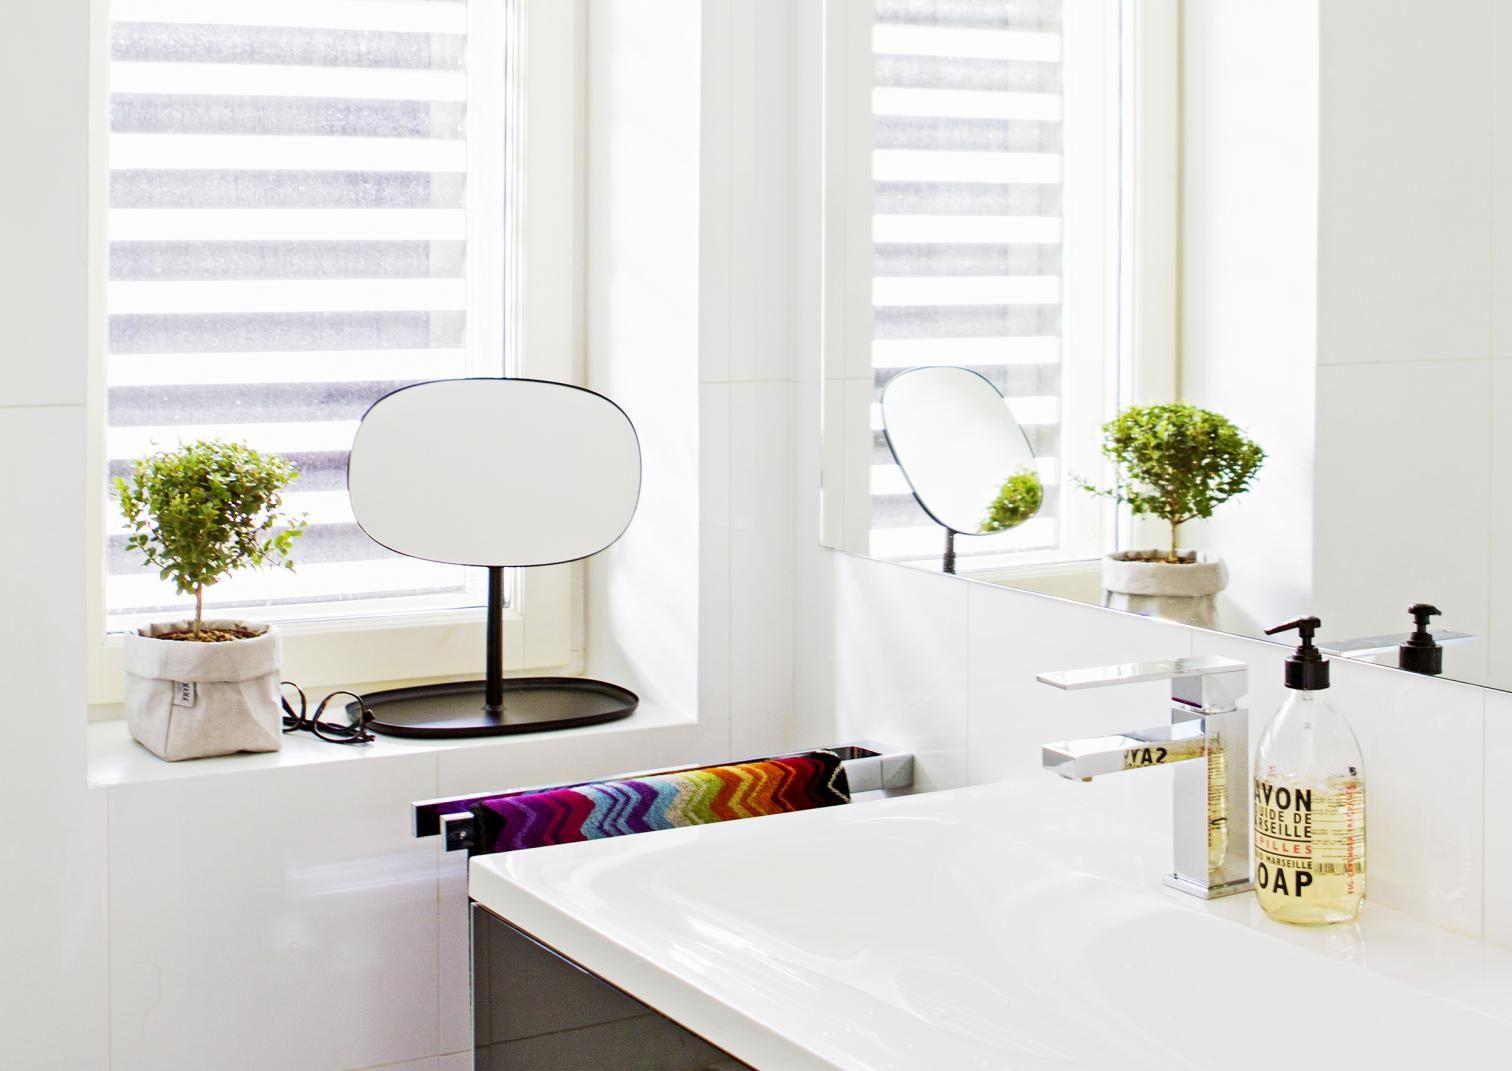 10 vinkkiä: kylpyhuoneen tavaroiden säilytys